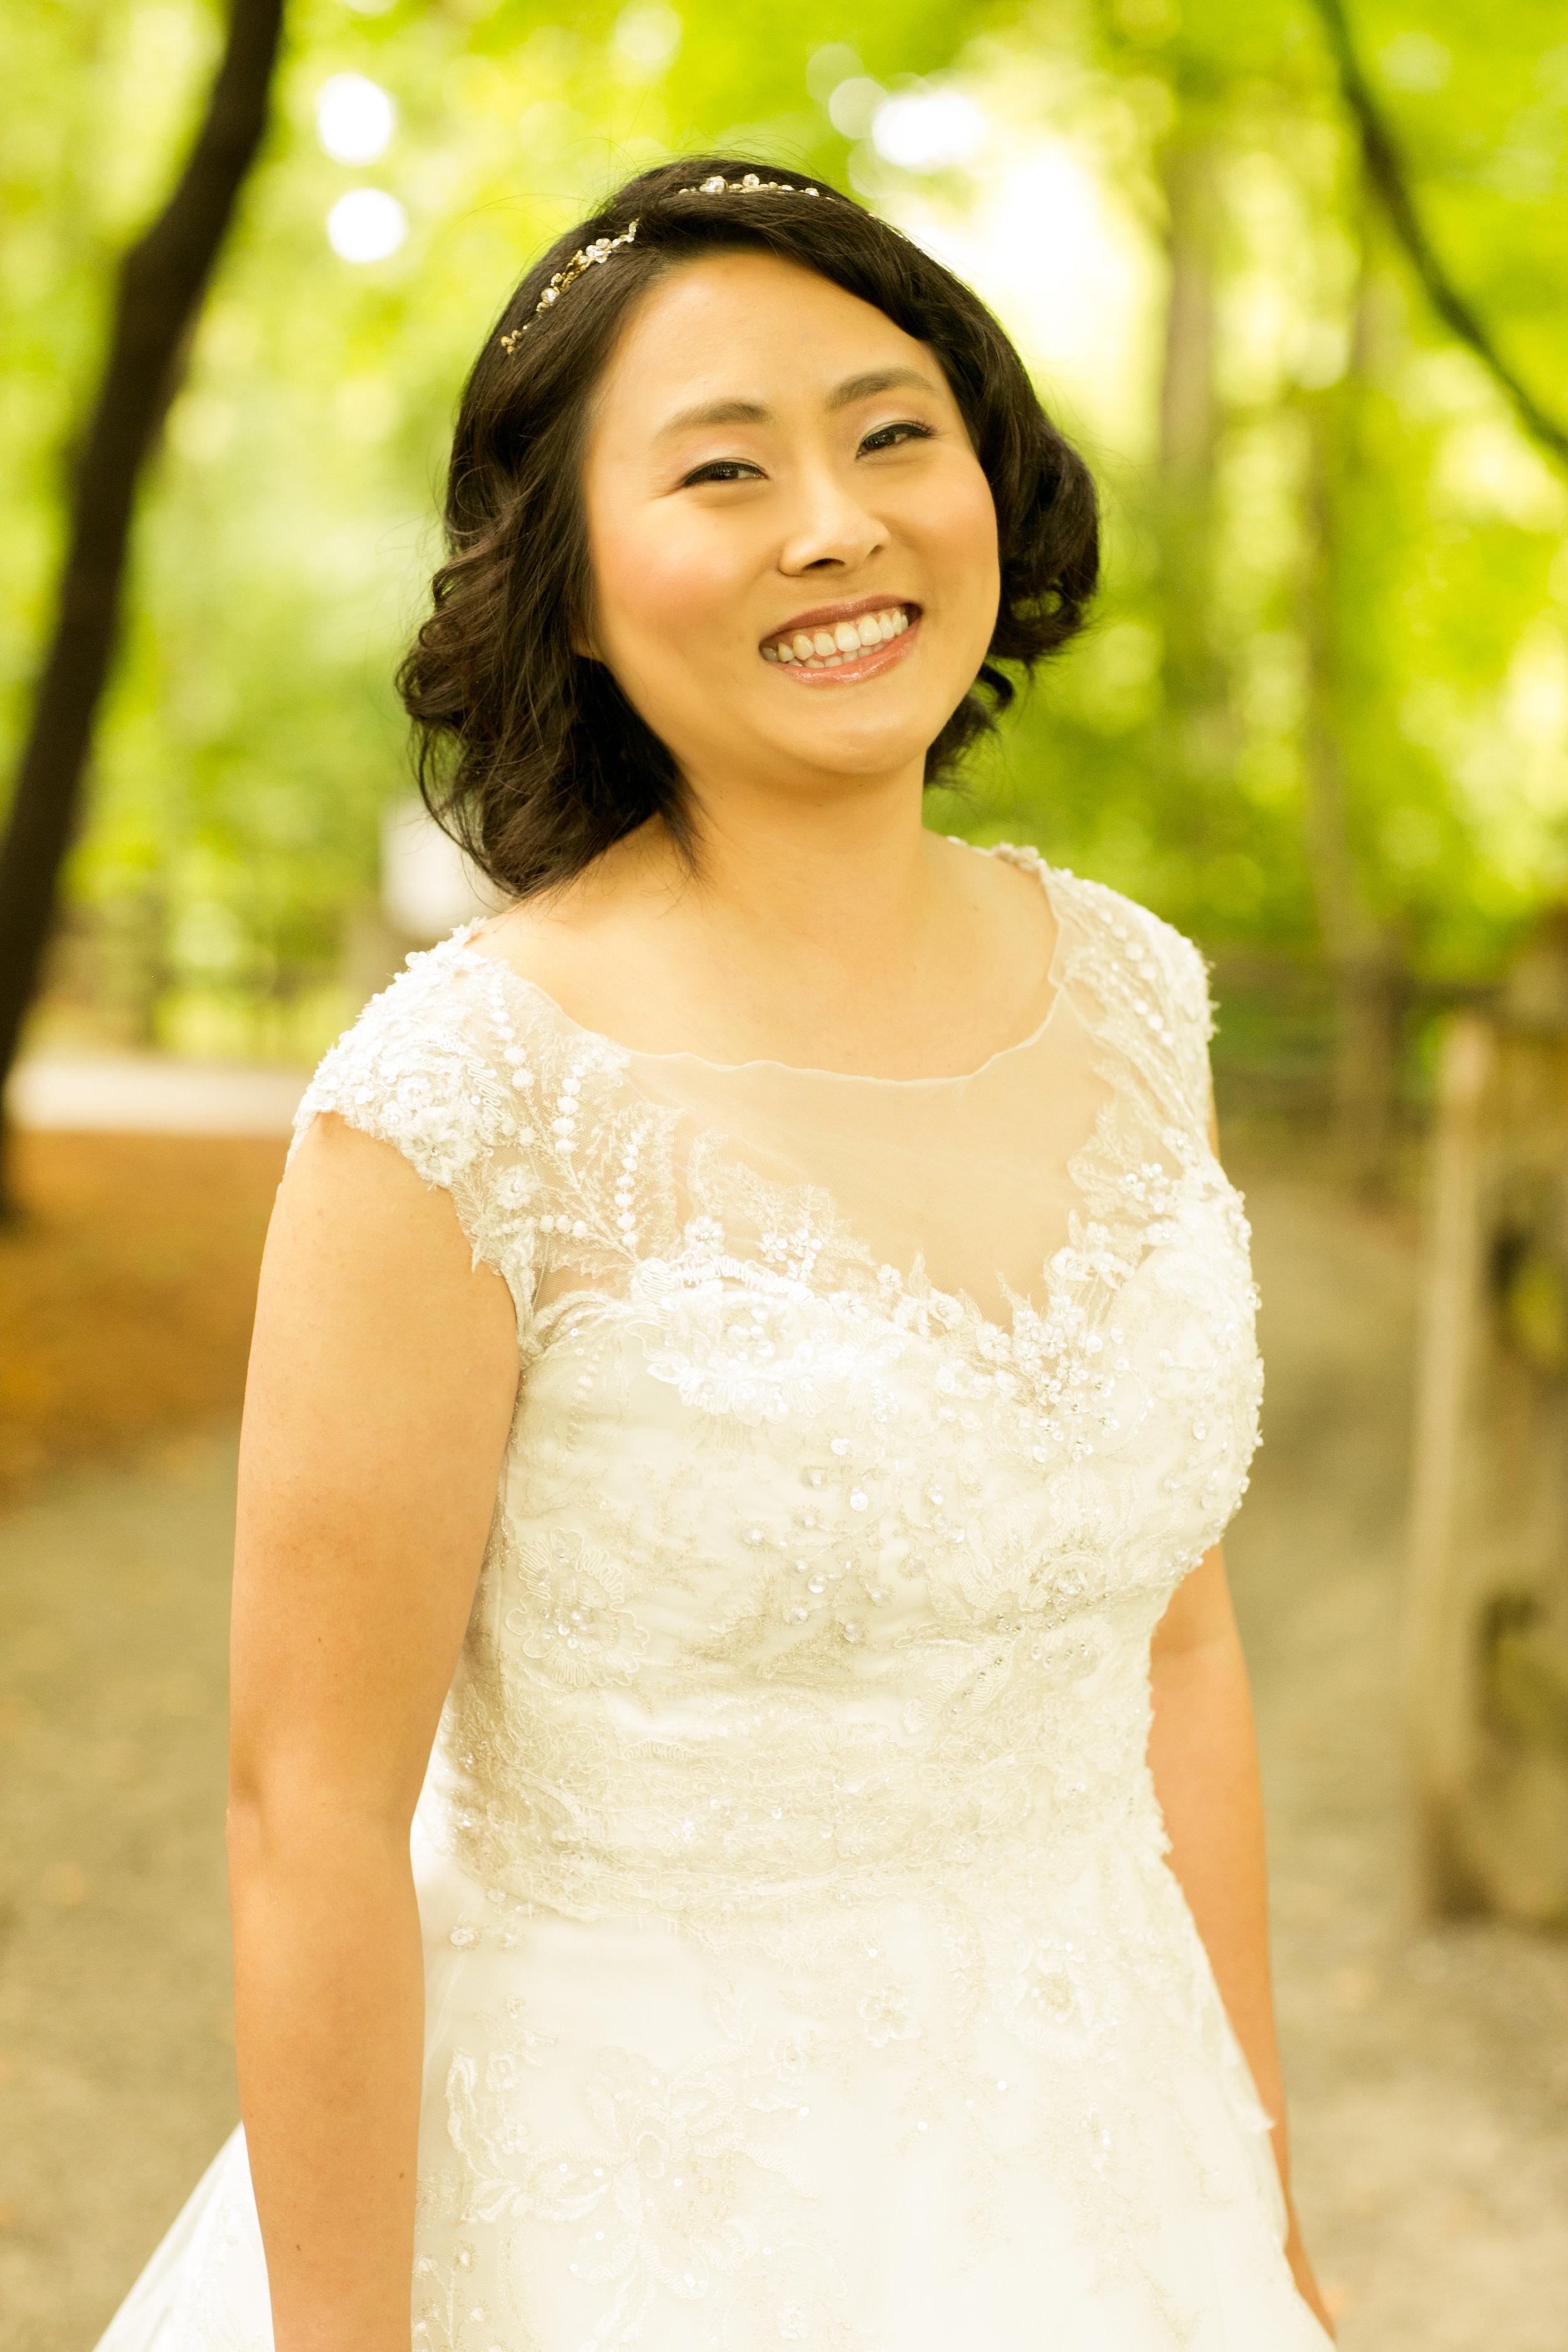 Jessica Kim - Ethan Yang - KS SN0279.jpg